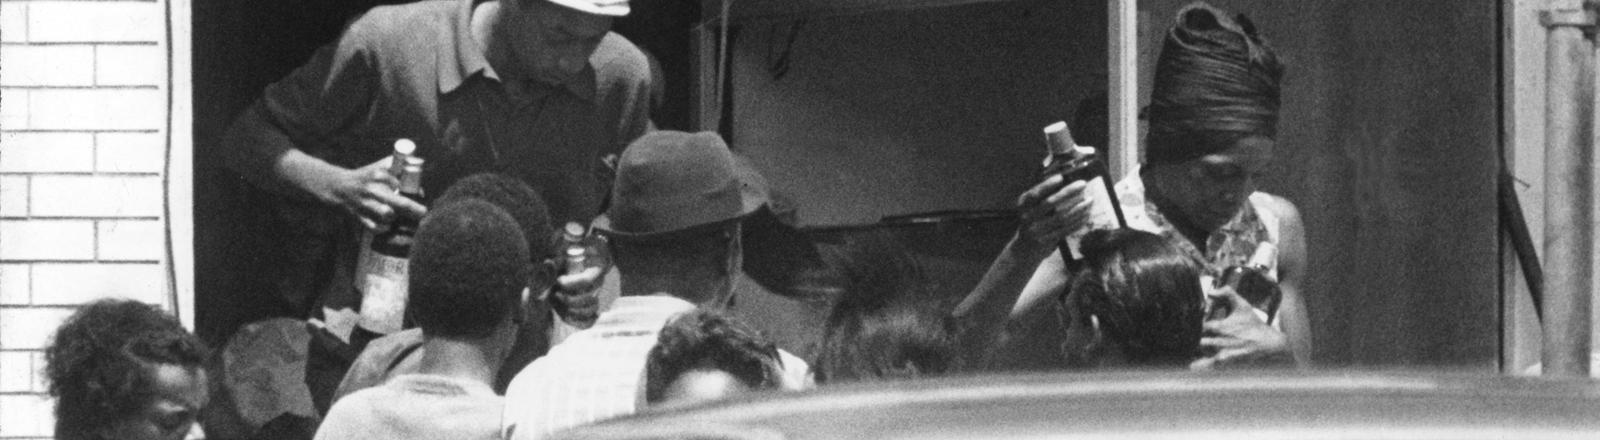 Nach den Rassenunruhen in Detroit 1967 plündern Afroamerikaner einen Laden aus